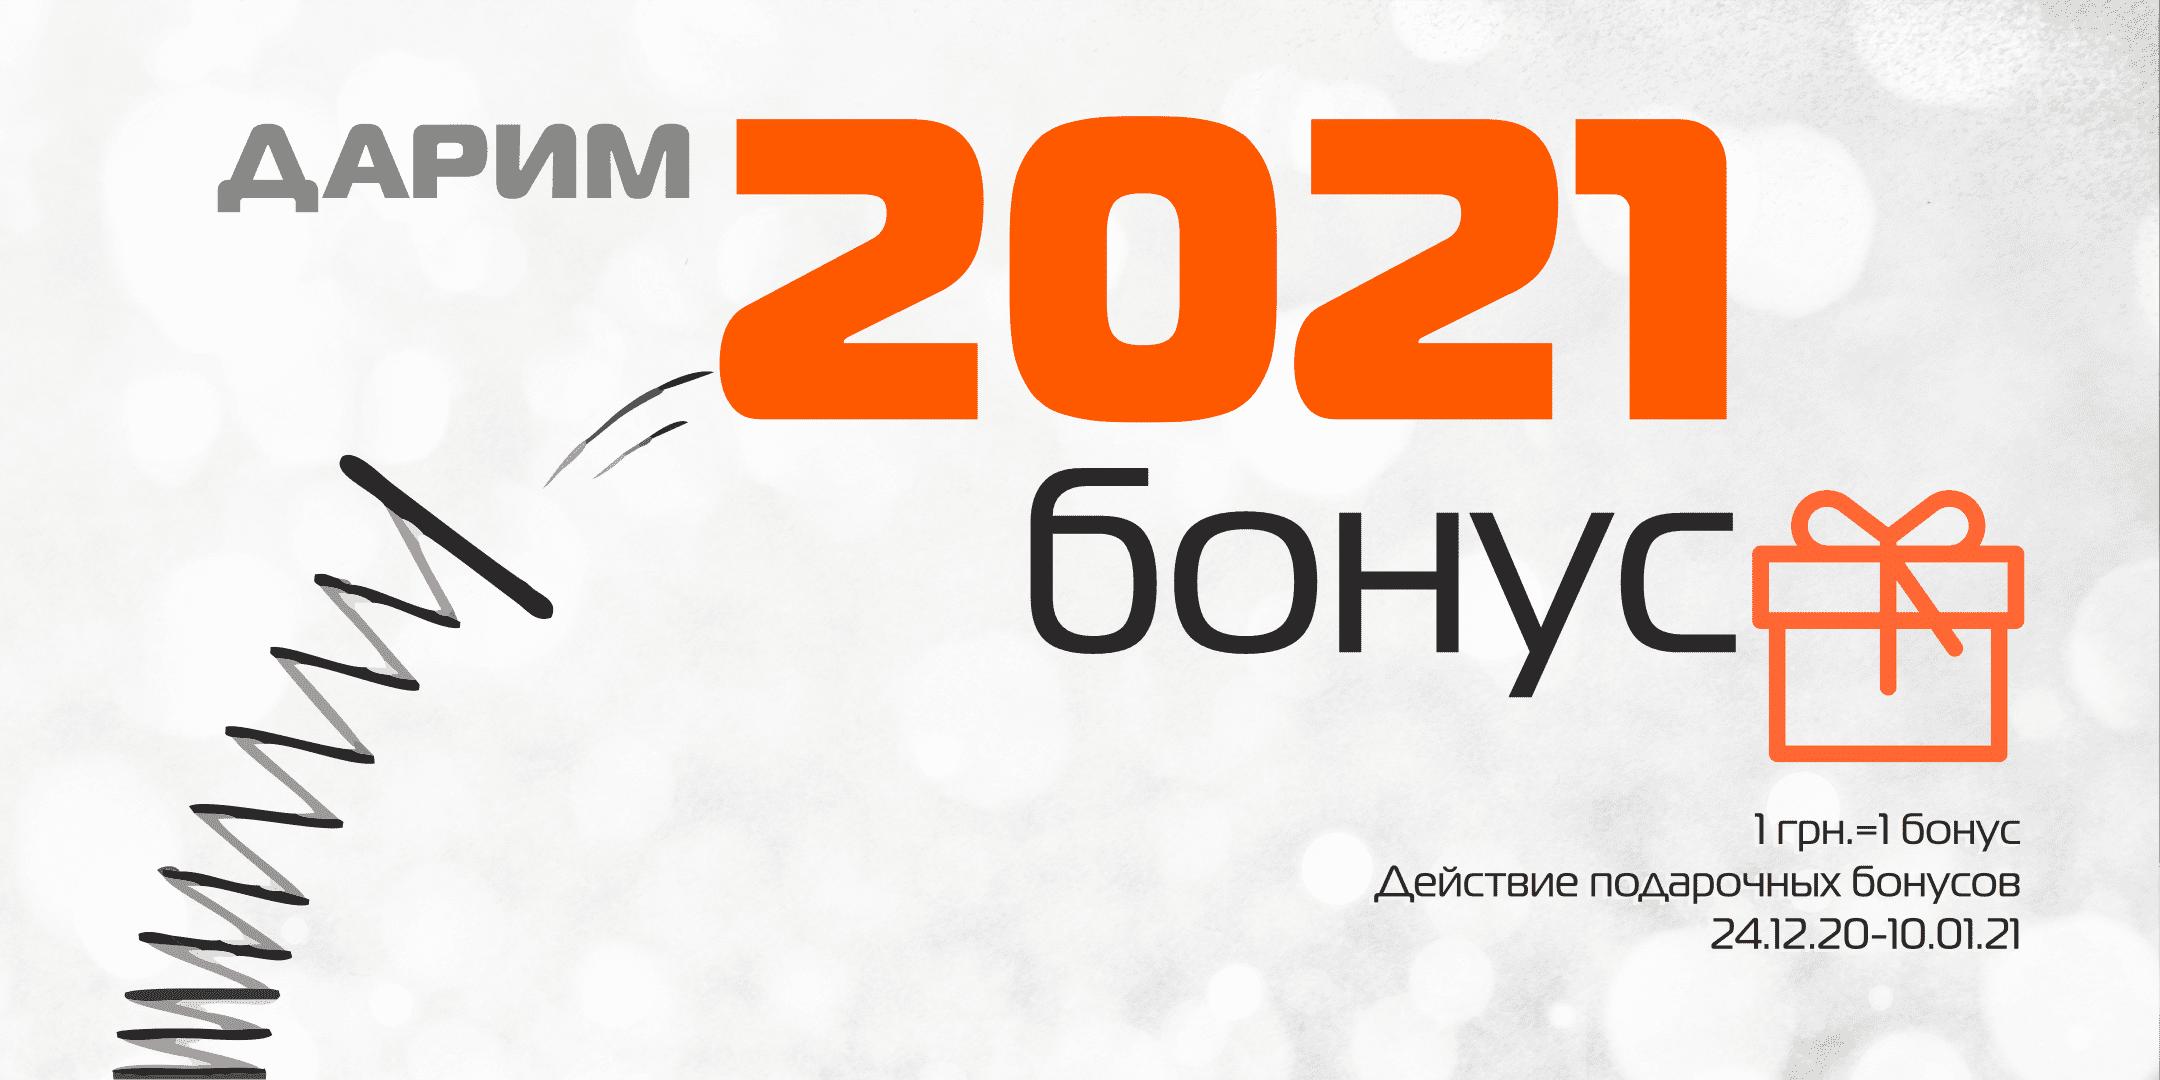 Дарим 2021 бонус!